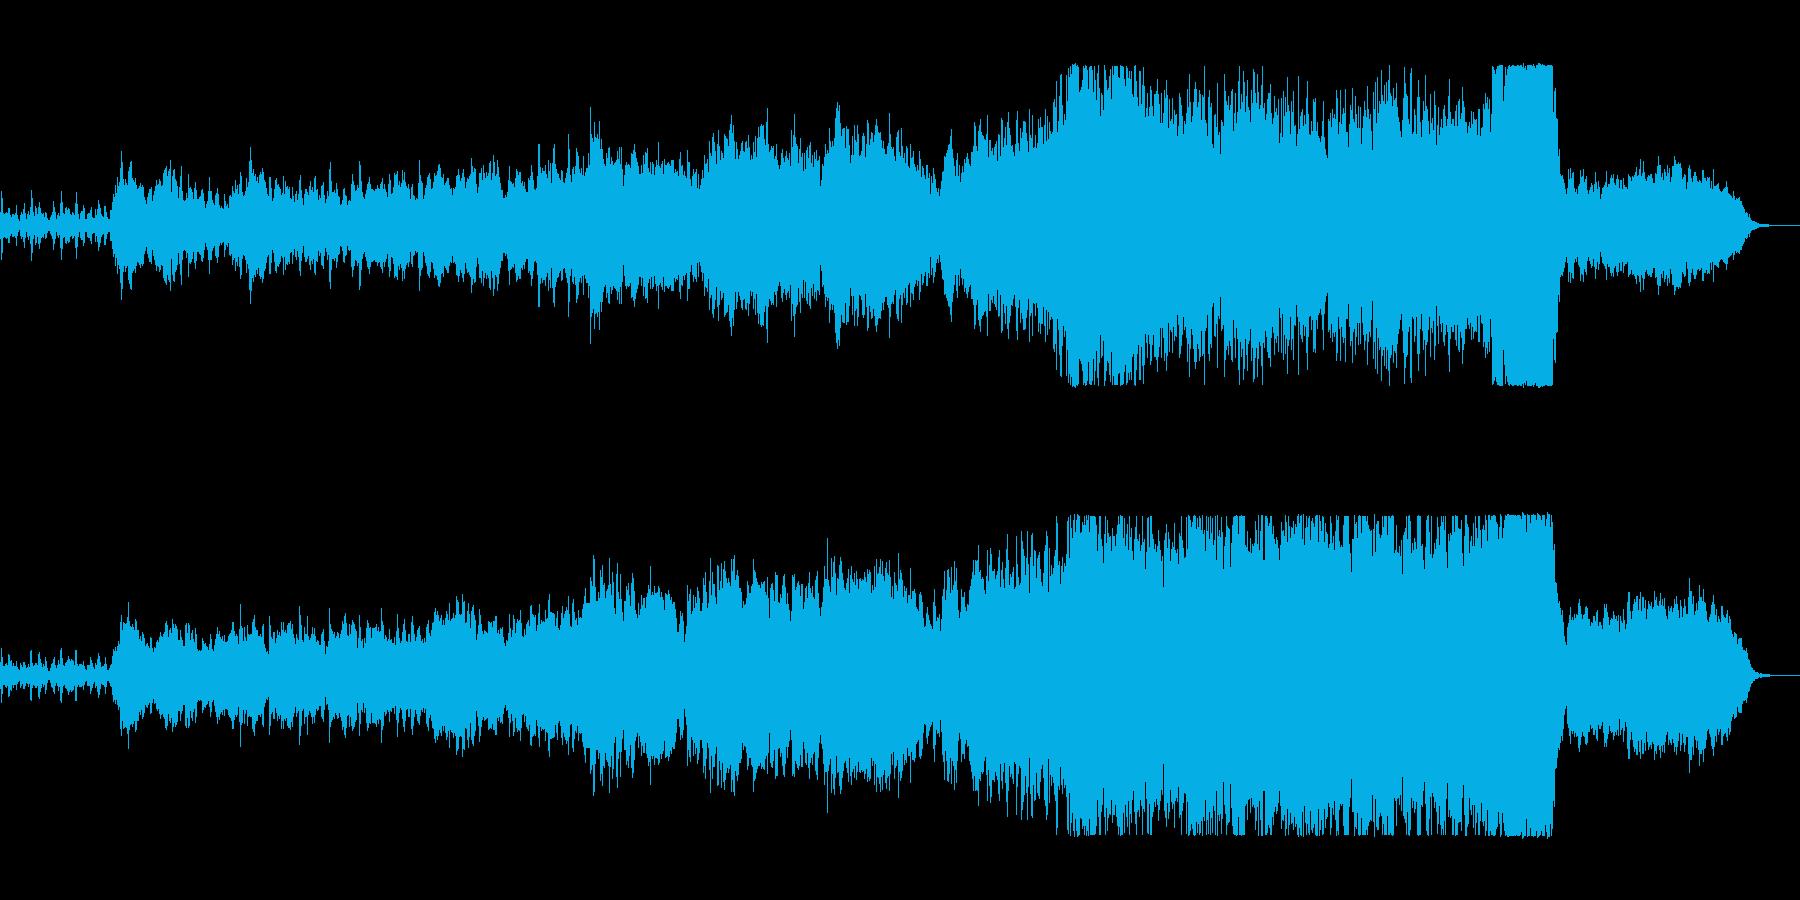 壮大で寛大なオーケストラサウンドの再生済みの波形